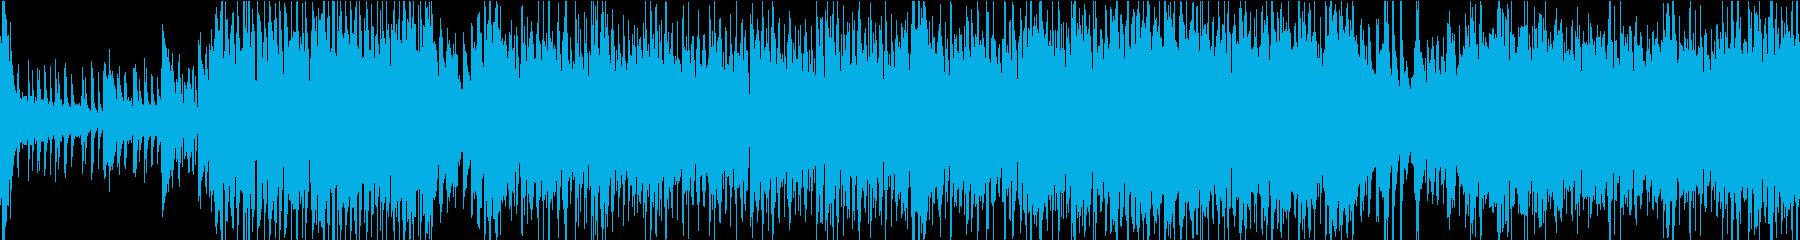 疾走感のある和楽器による楽曲の再生済みの波形